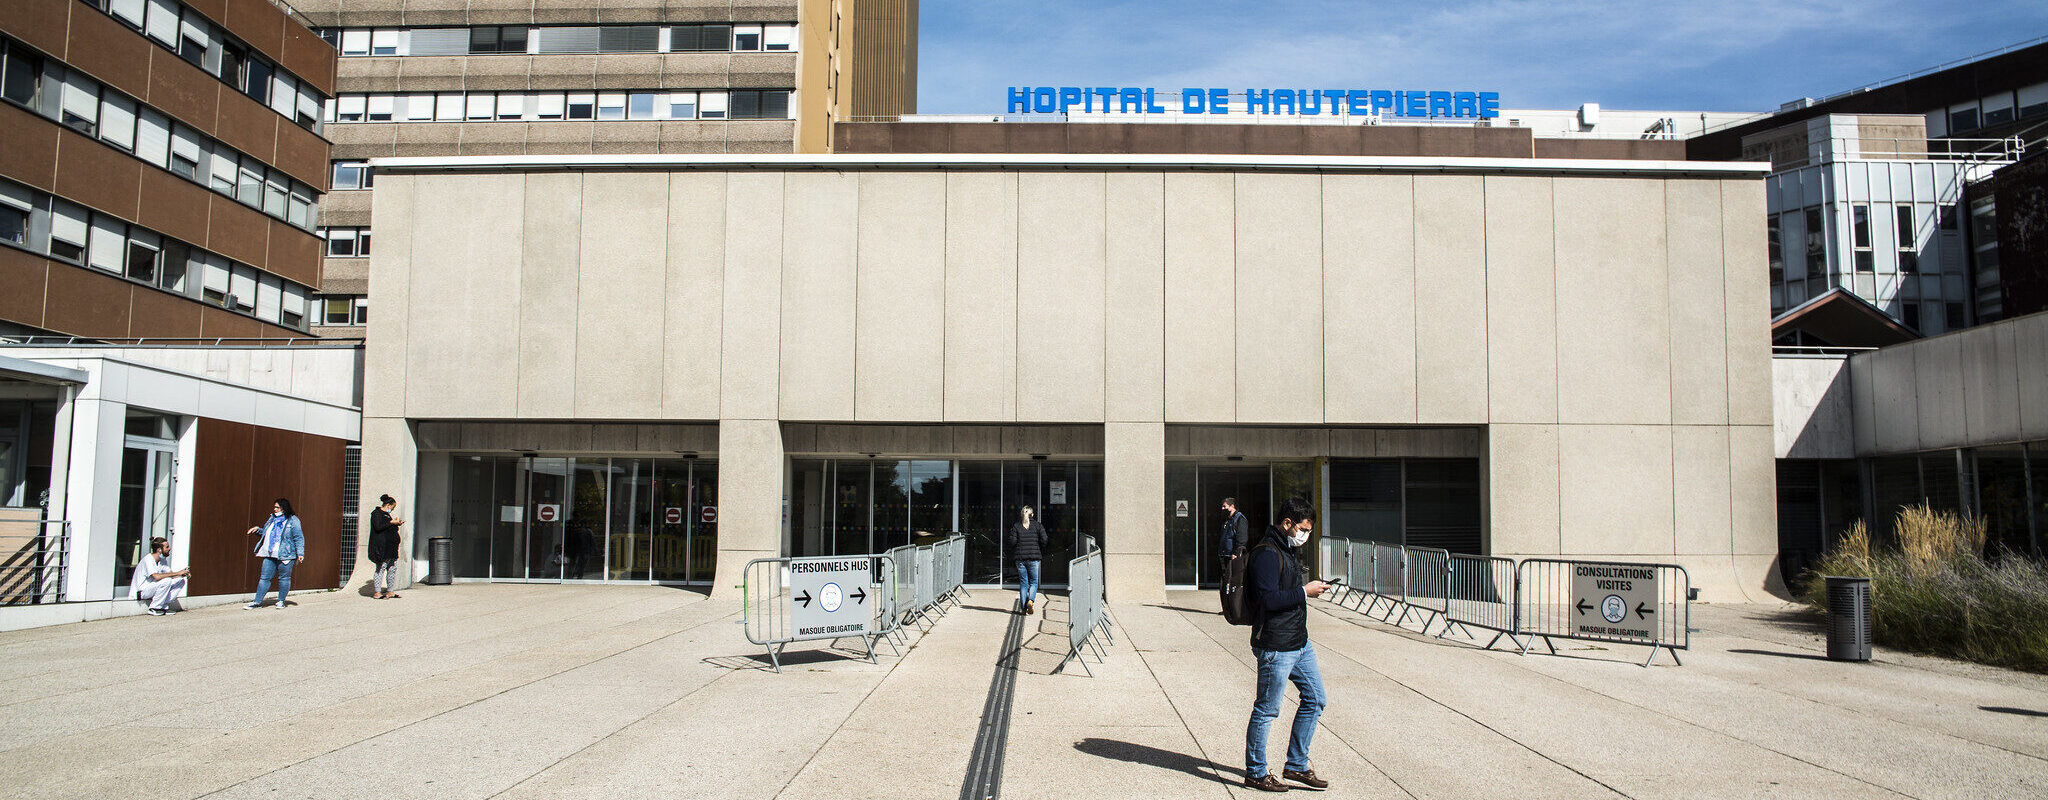 Burn-out en série et patients en danger: un premier service des hôpitaux de Strasbourg craque